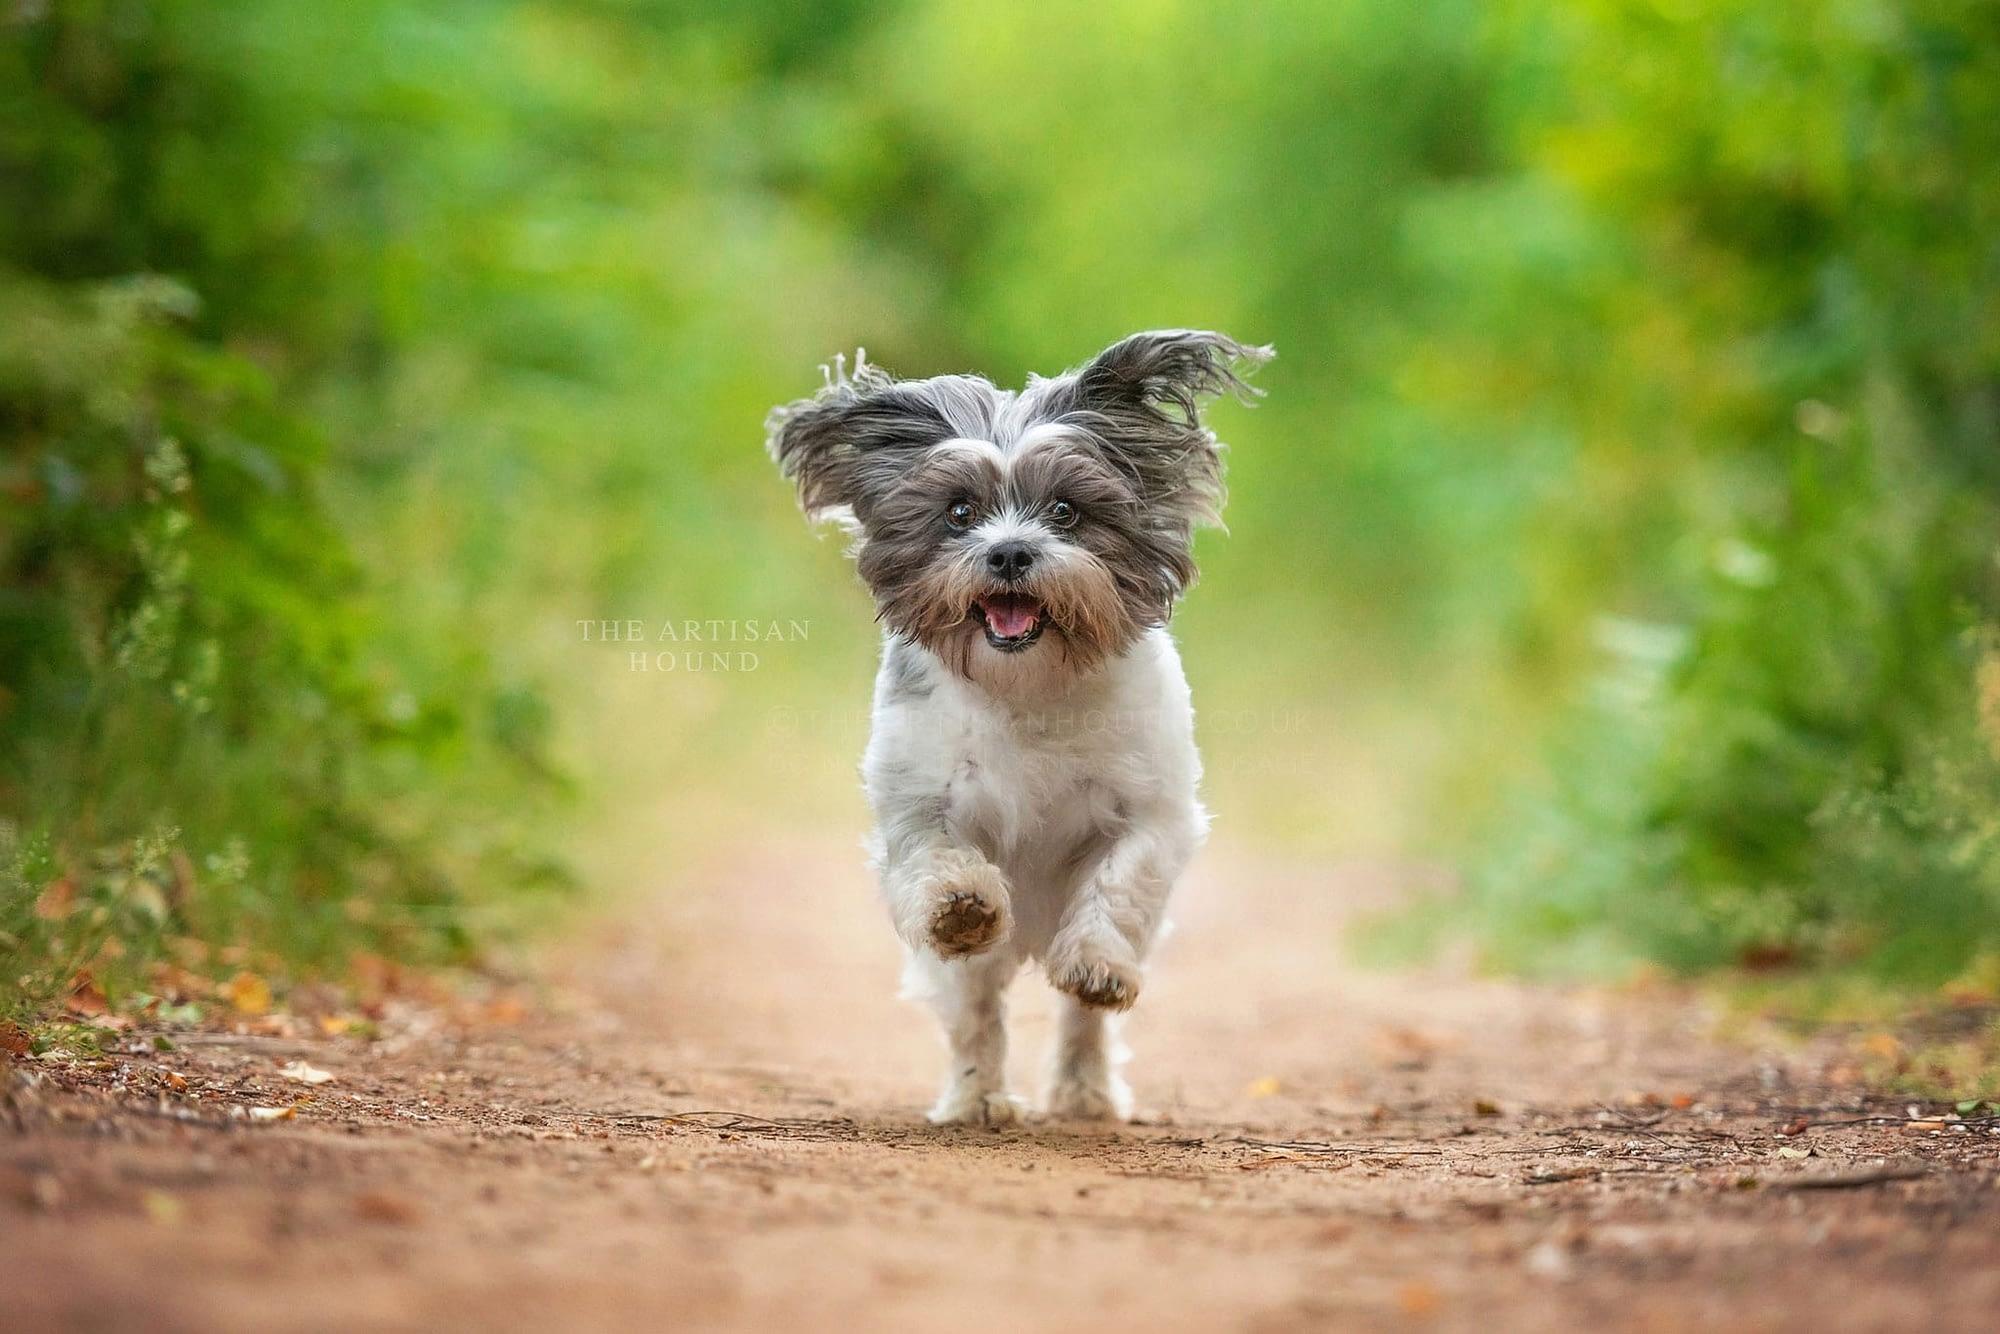 Small Shih Tzu cross dog running through woods